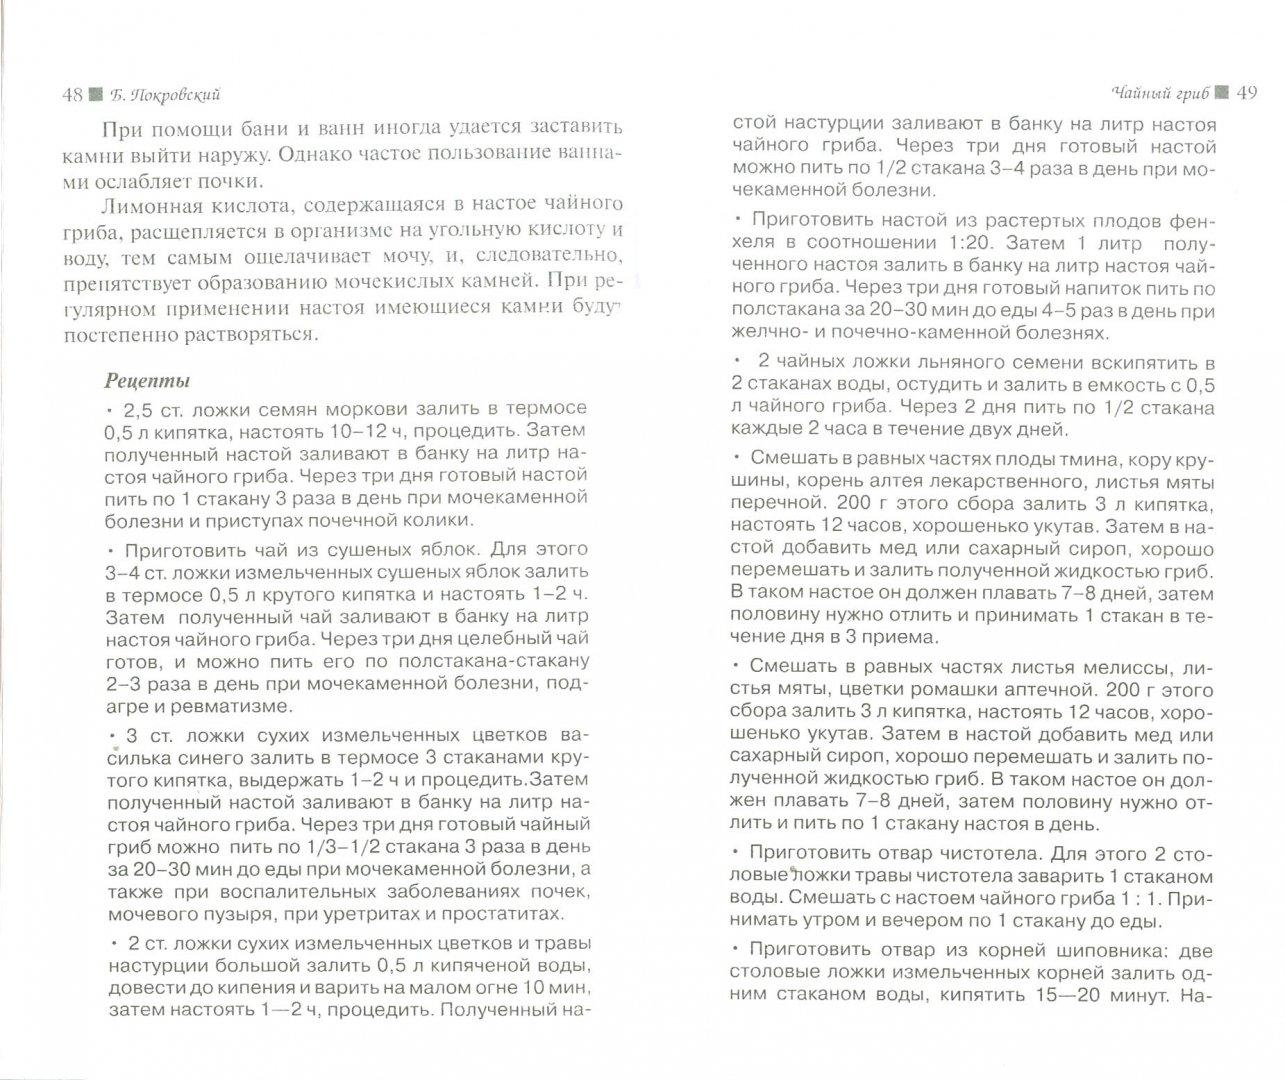 Иллюстрация 1 из 2 для Чайный гриб - Борис Покровский | Лабиринт - книги. Источник: Лабиринт